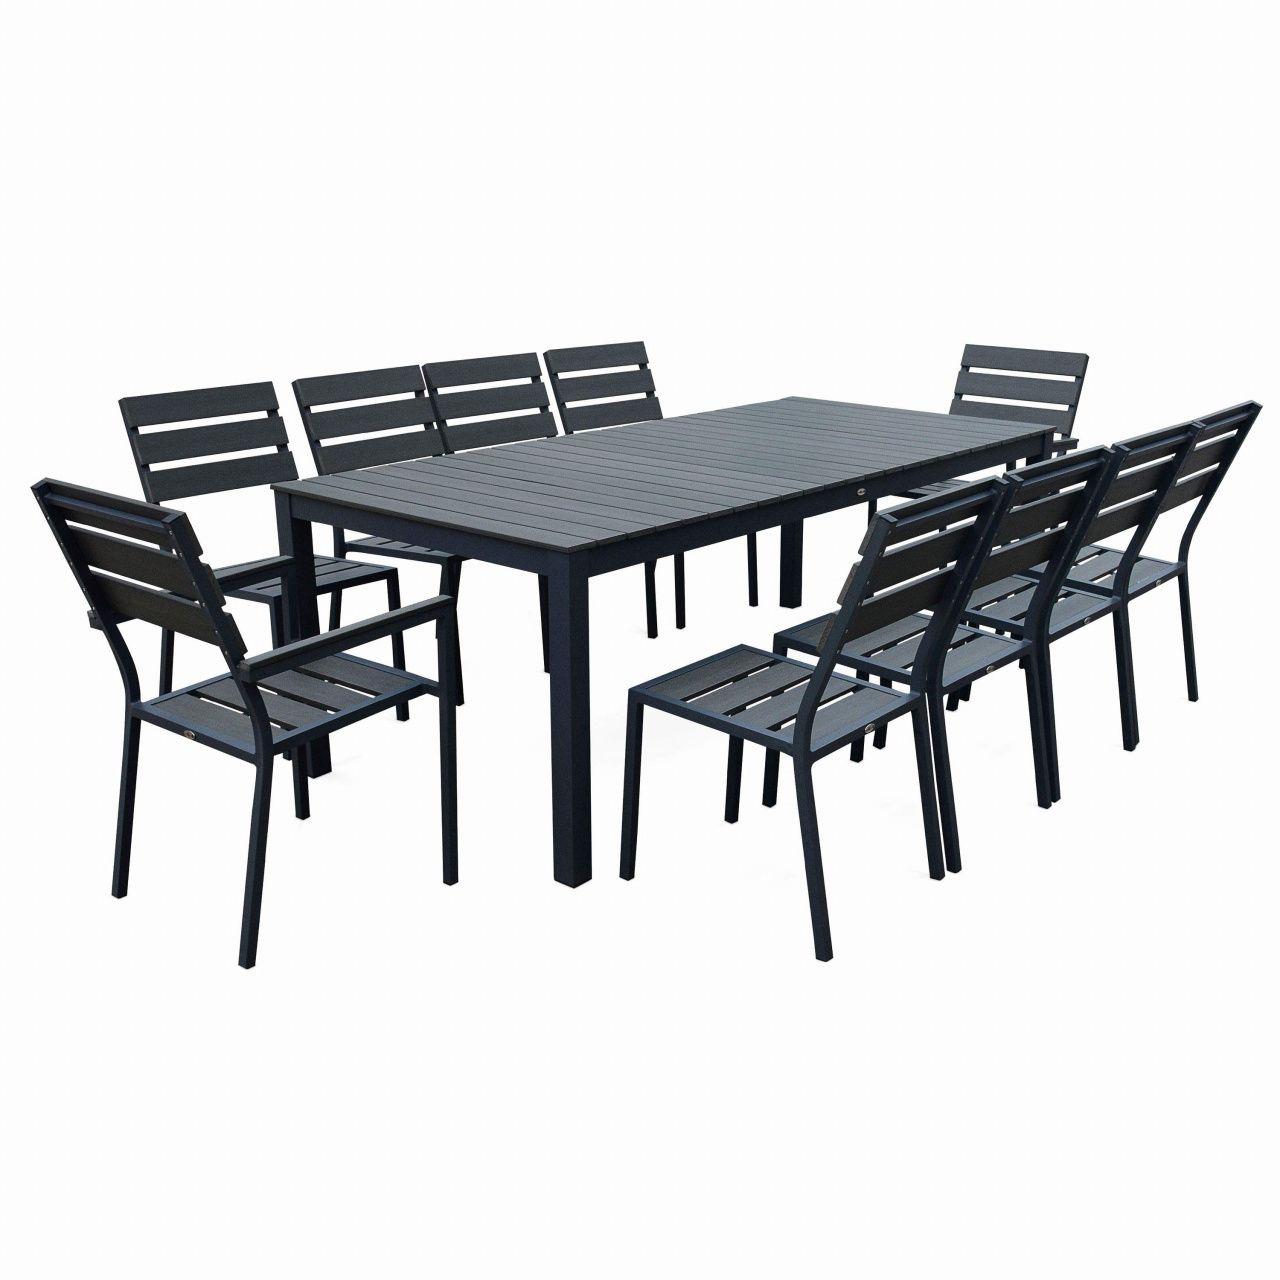 99 Fauteuil De Jardin Castorama | Outdoor Tables, Outdoor ... destiné Fauteuil De Jardin Castorama